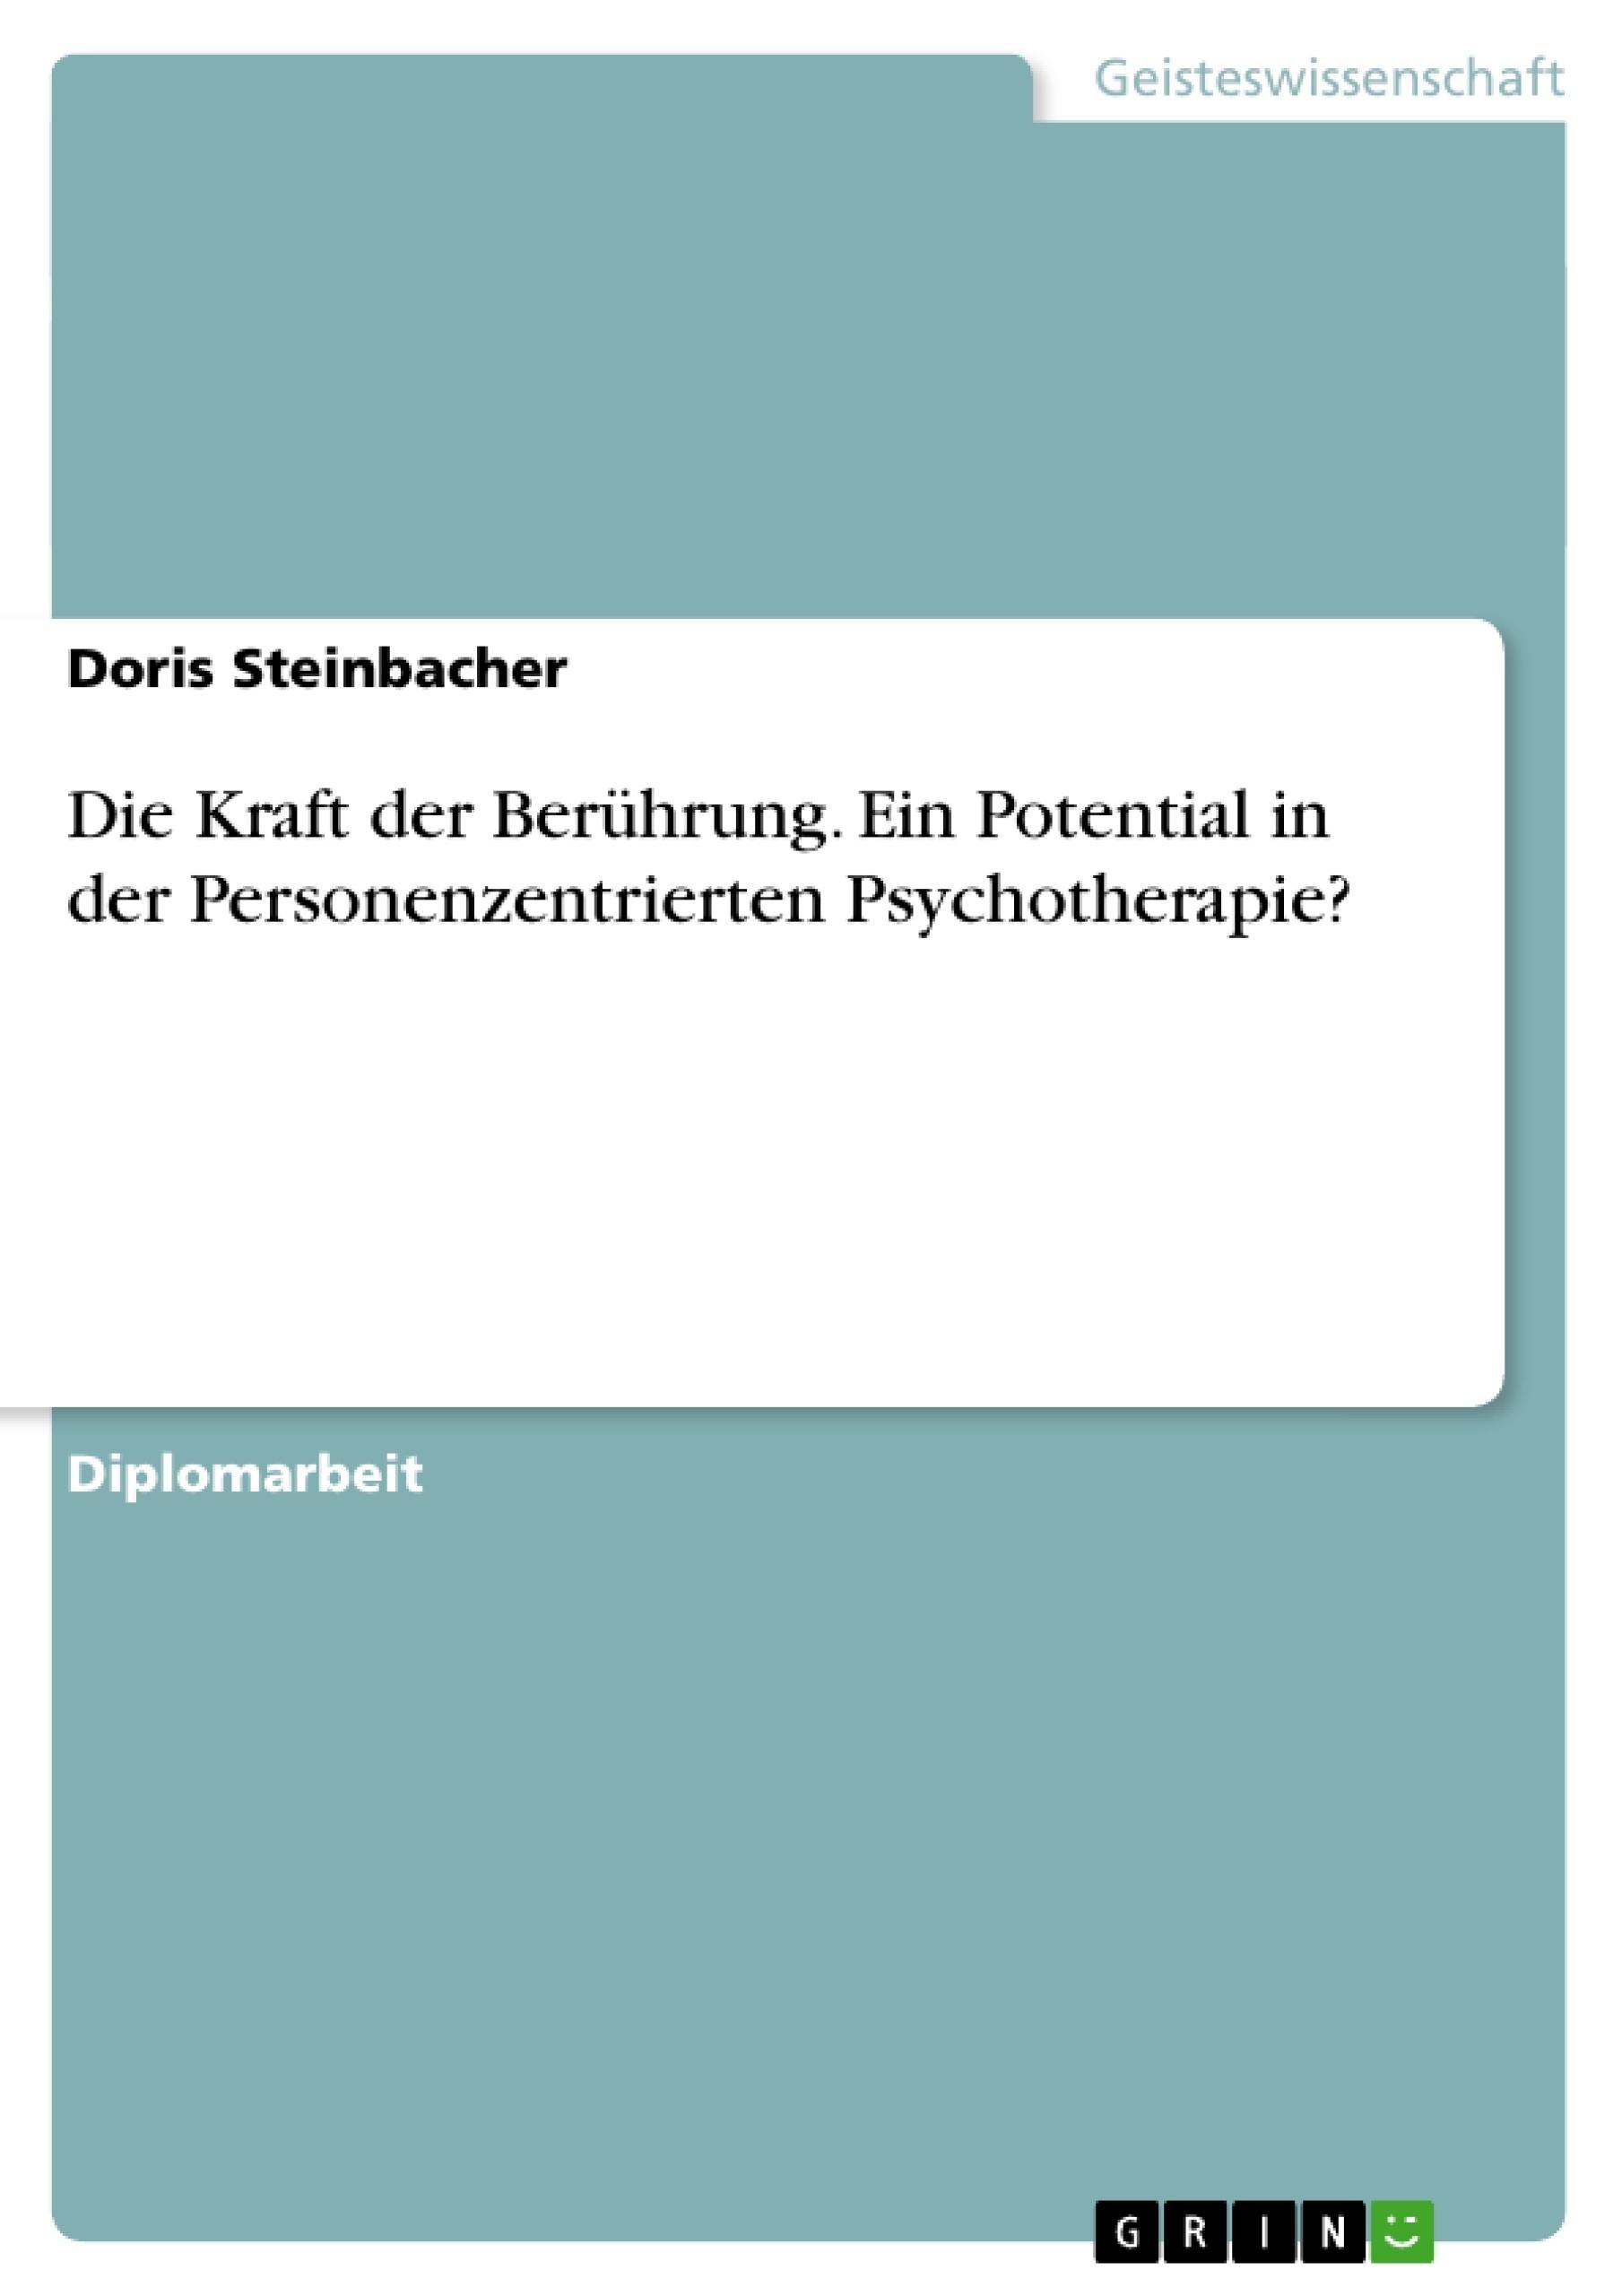 Titel: Die Kraft der Berührung. Ein Potential in der Personenzentrierten Psychotherapie?